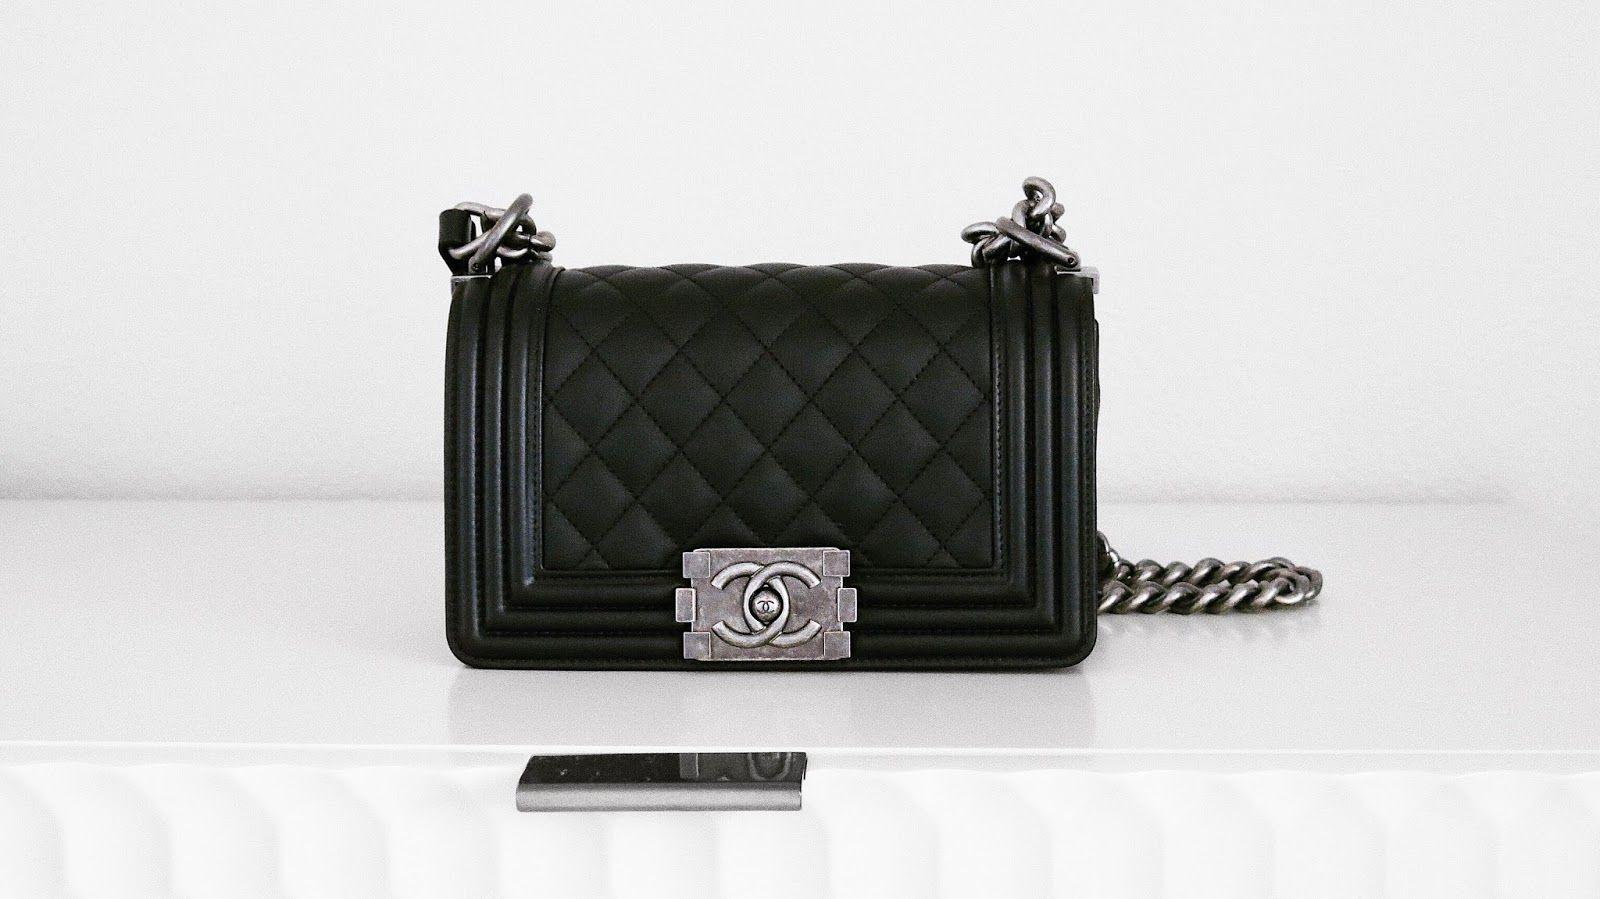 2a32efb22e4e Chanel Boy Bag Unboxing  chanel  chanelboybag  chanelbag  chanelunboxing